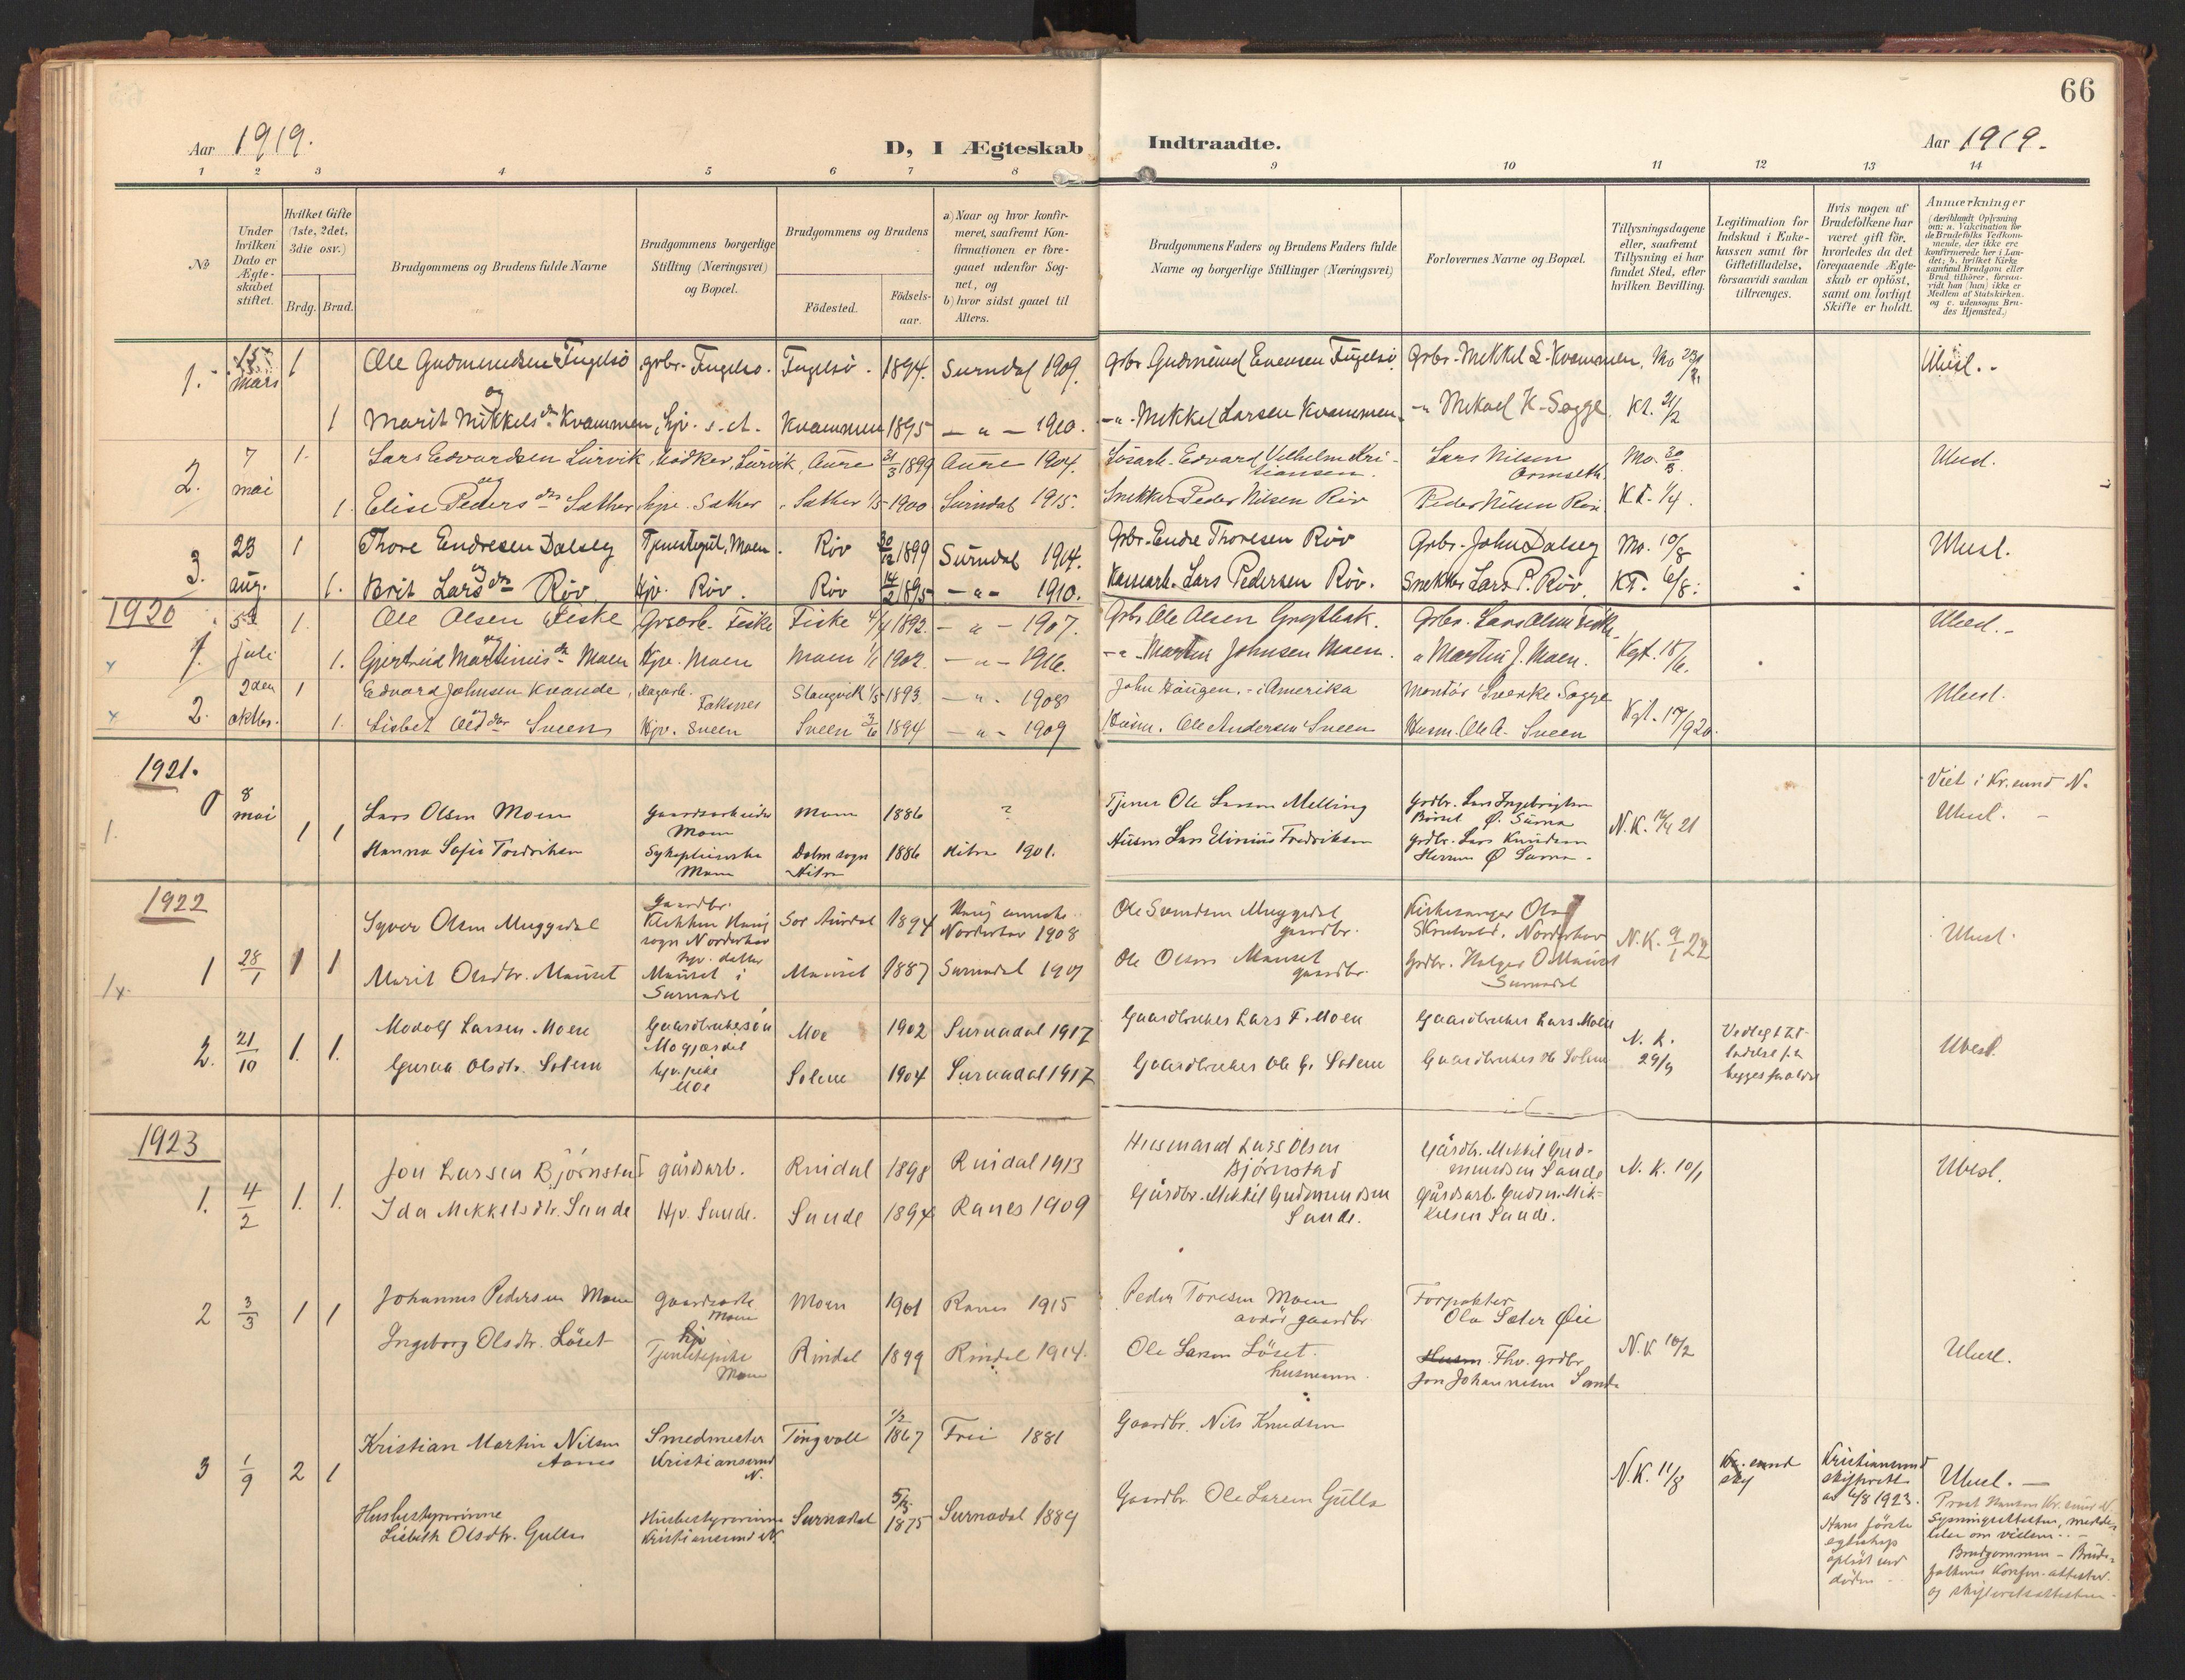 SAT, Ministerialprotokoller, klokkerbøker og fødselsregistre - Møre og Romsdal, 597/L1063: Ministerialbok nr. 597A02, 1905-1923, s. 66